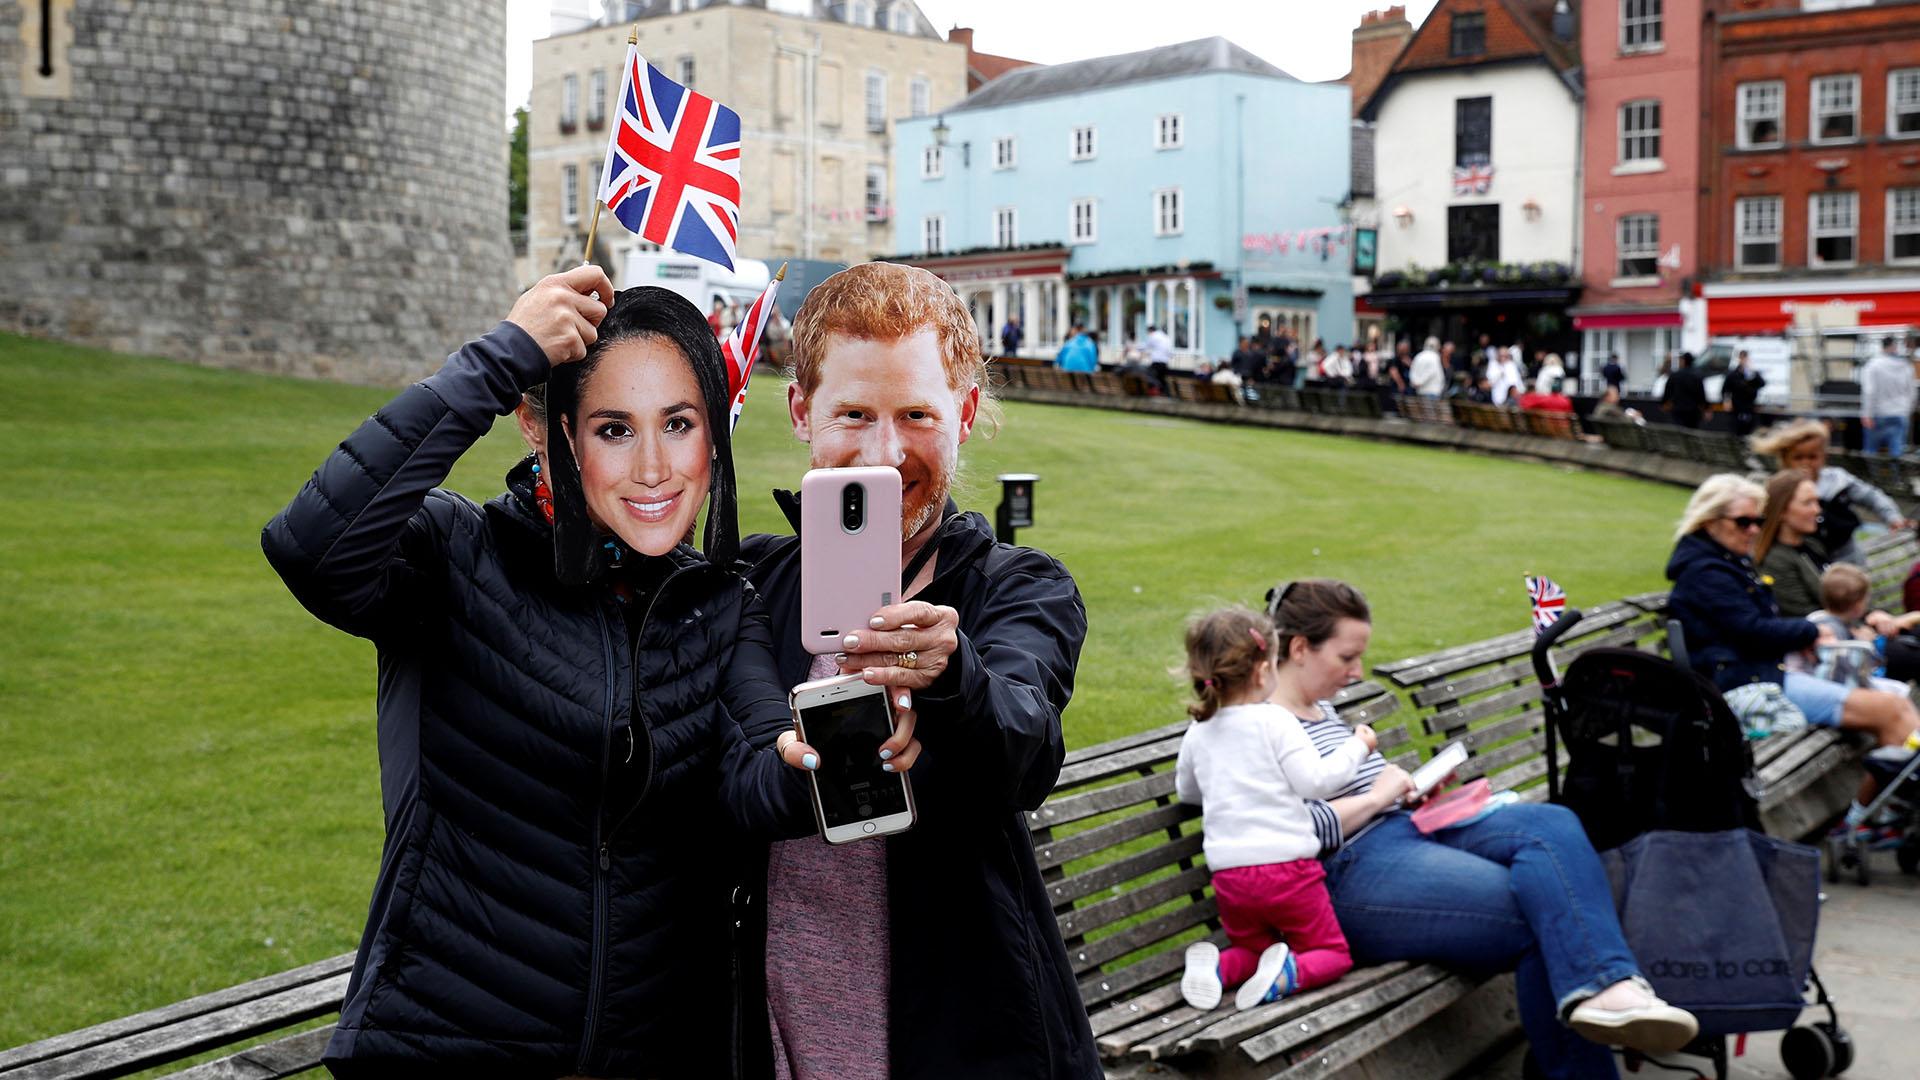 Gran expectativa en las afueras del castillo Windsor por la boda real de Meghan Markle y el príncipe Harry